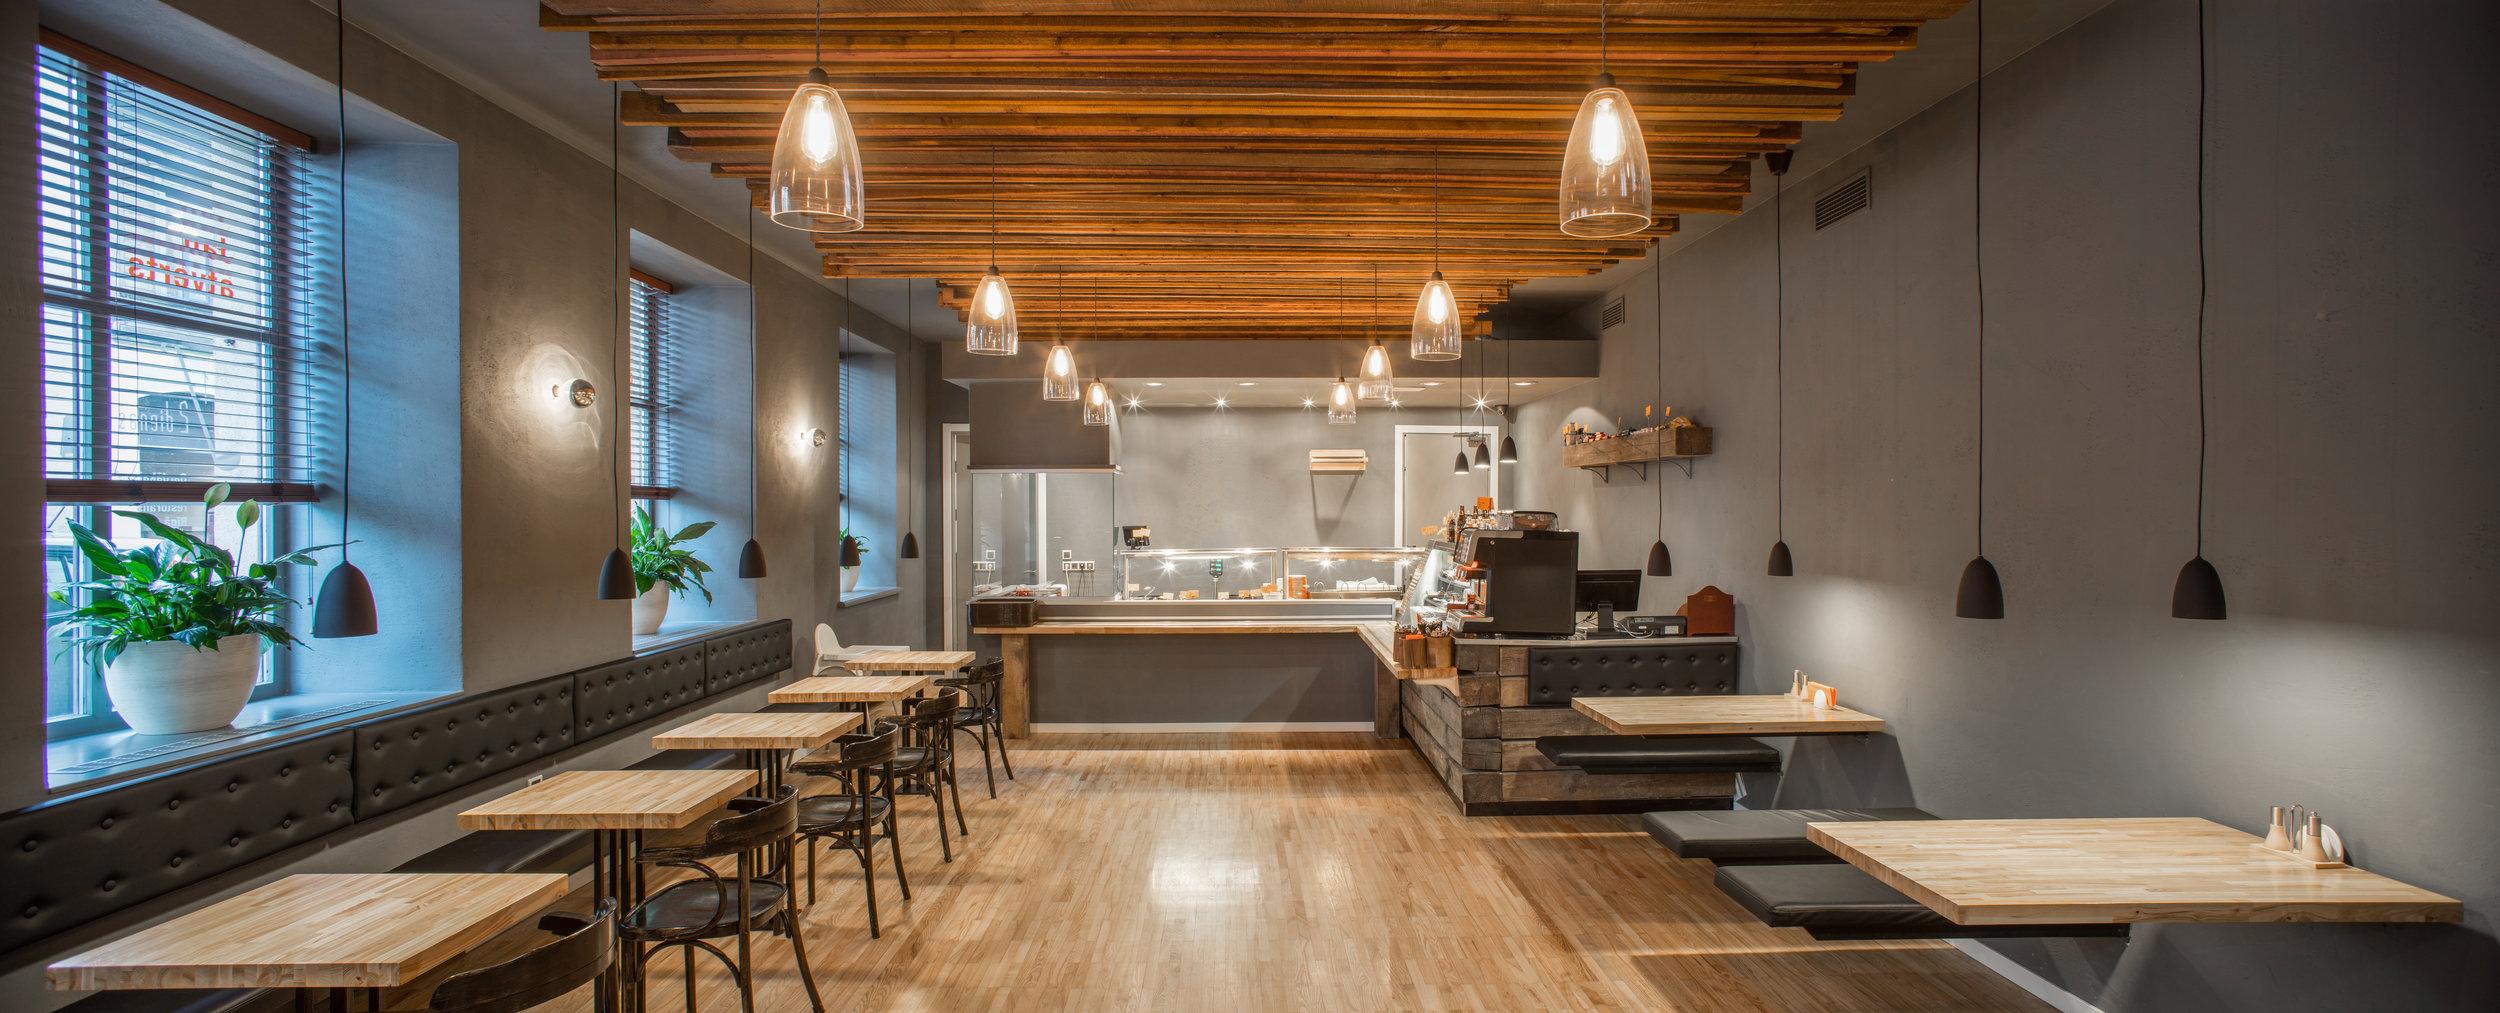 Interior of restaurant. Panorama. Wooden design.